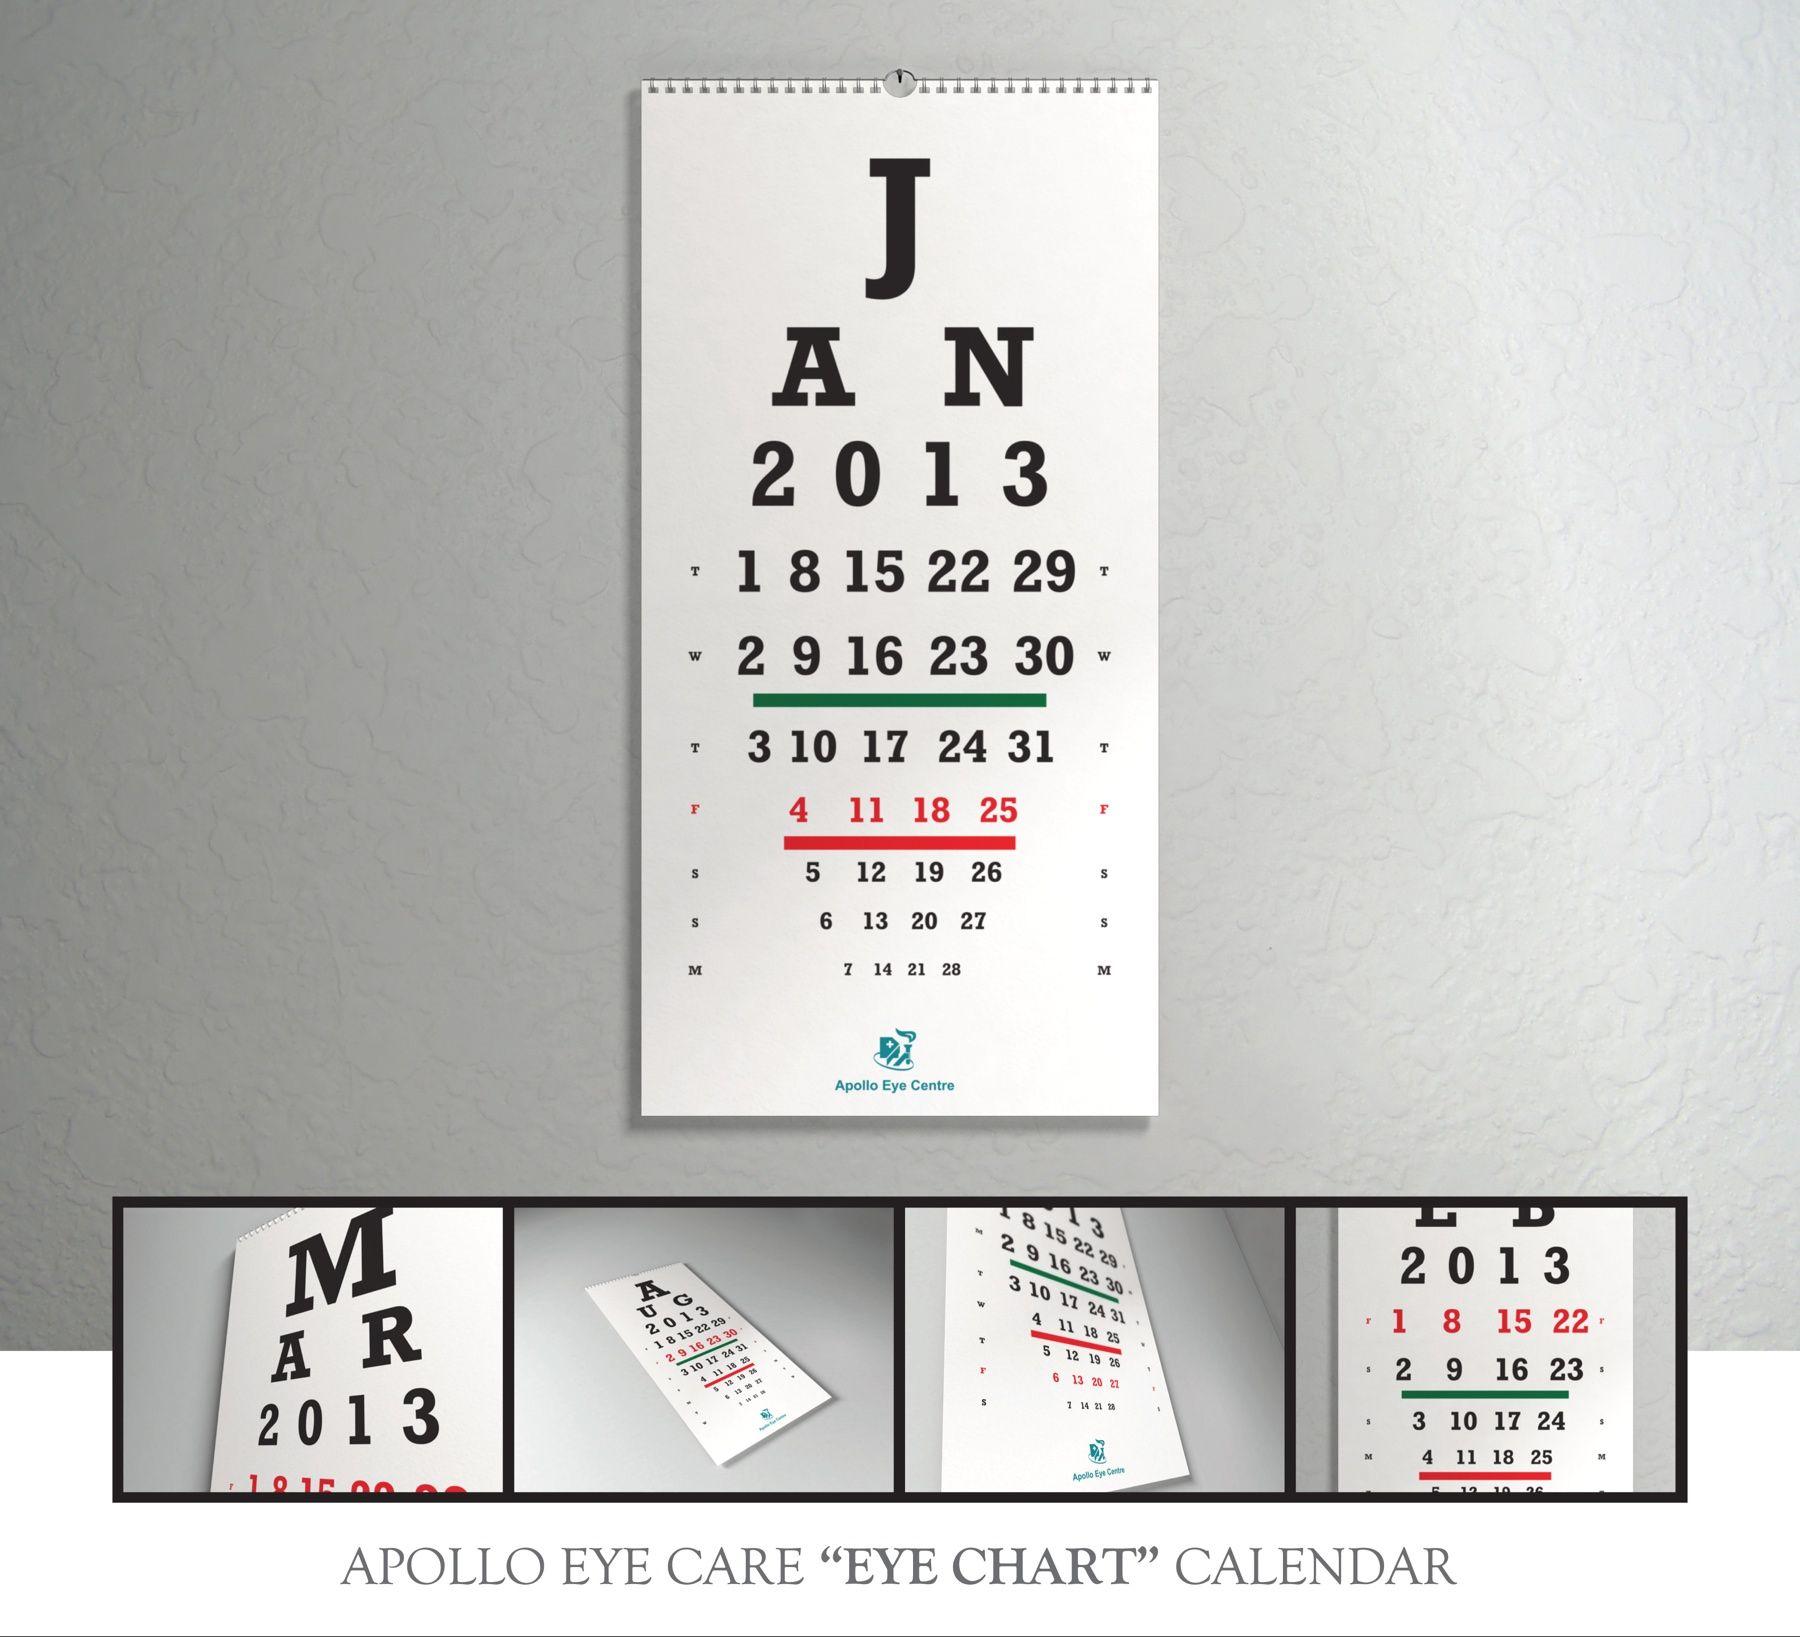 Siguiendo esta tradición de Marketing Directo, la clínica visual ...